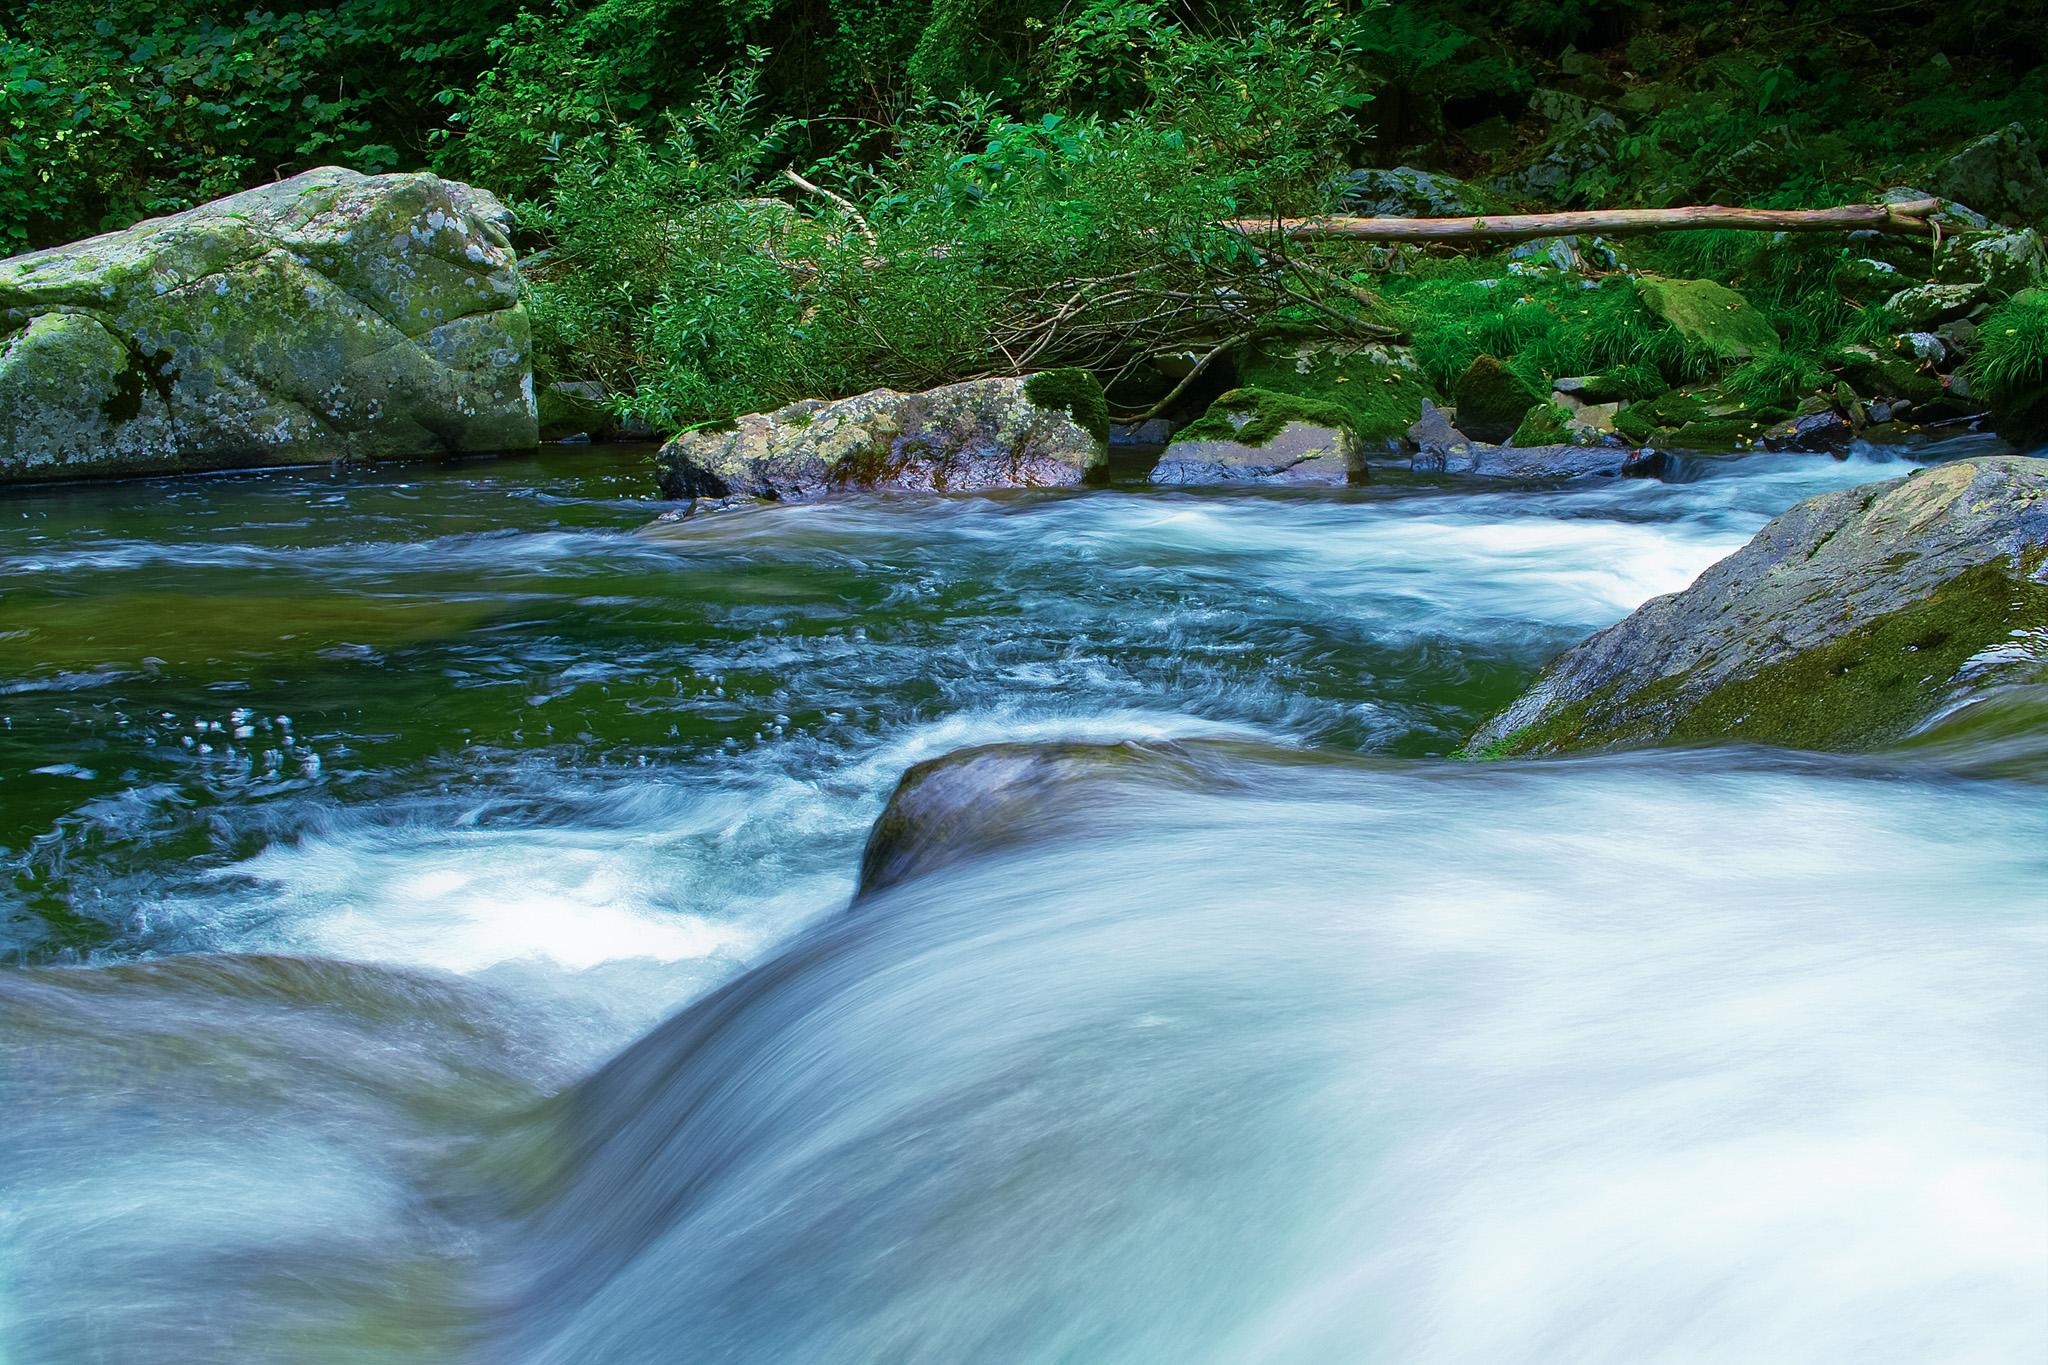 「大きな岩の上を流れる水」